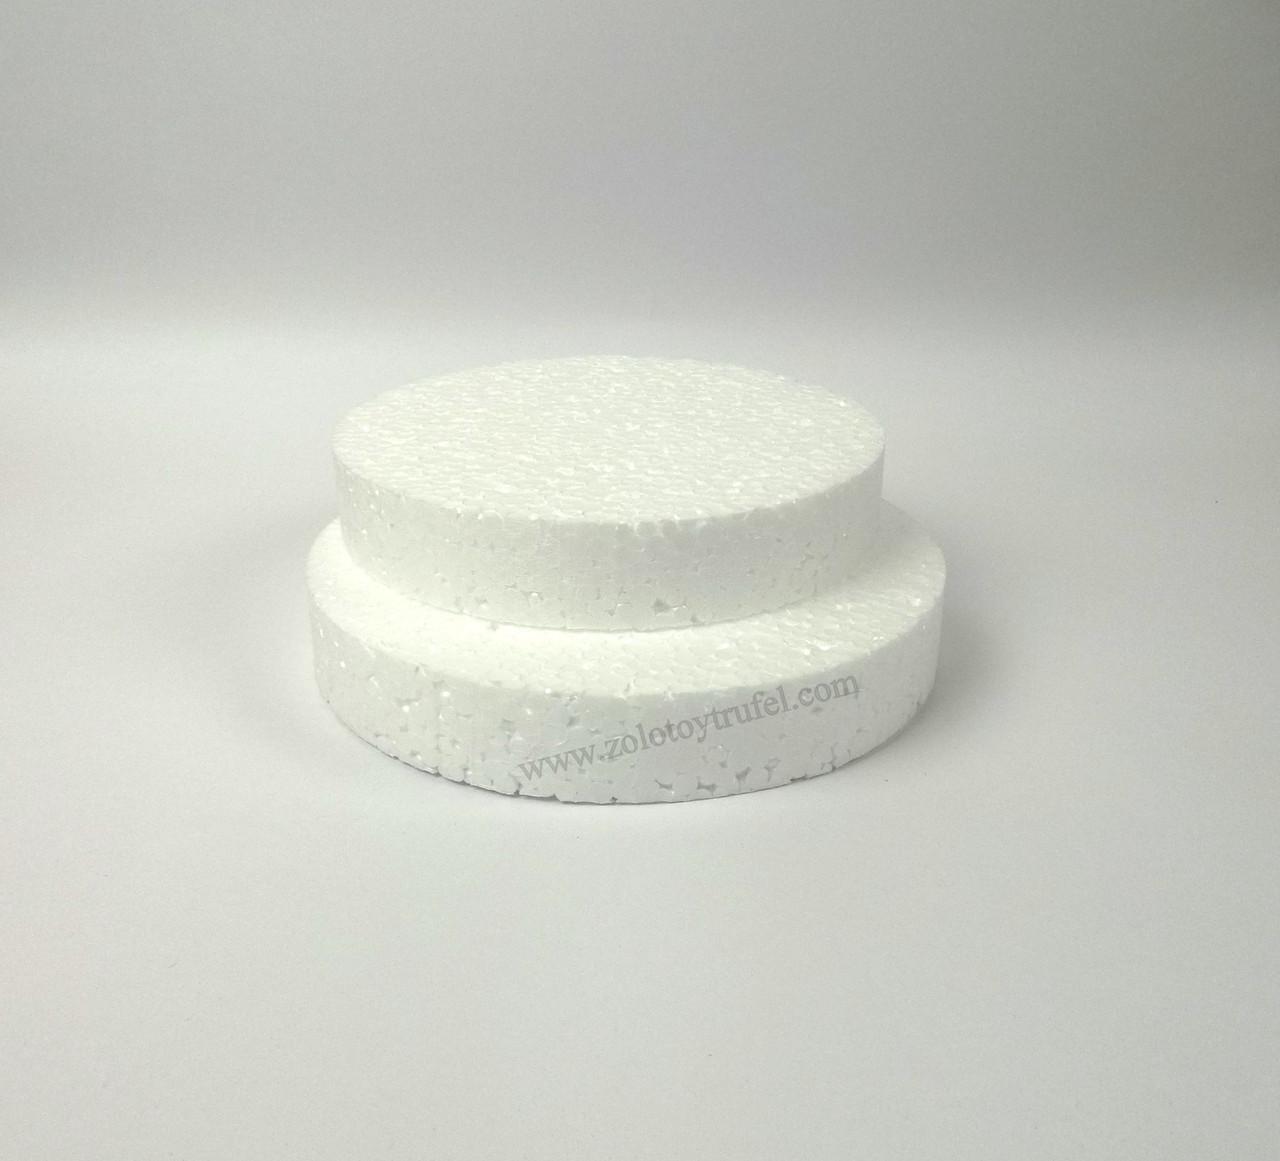 Прослойки пенопластовые для торта d 42 см h 3 см